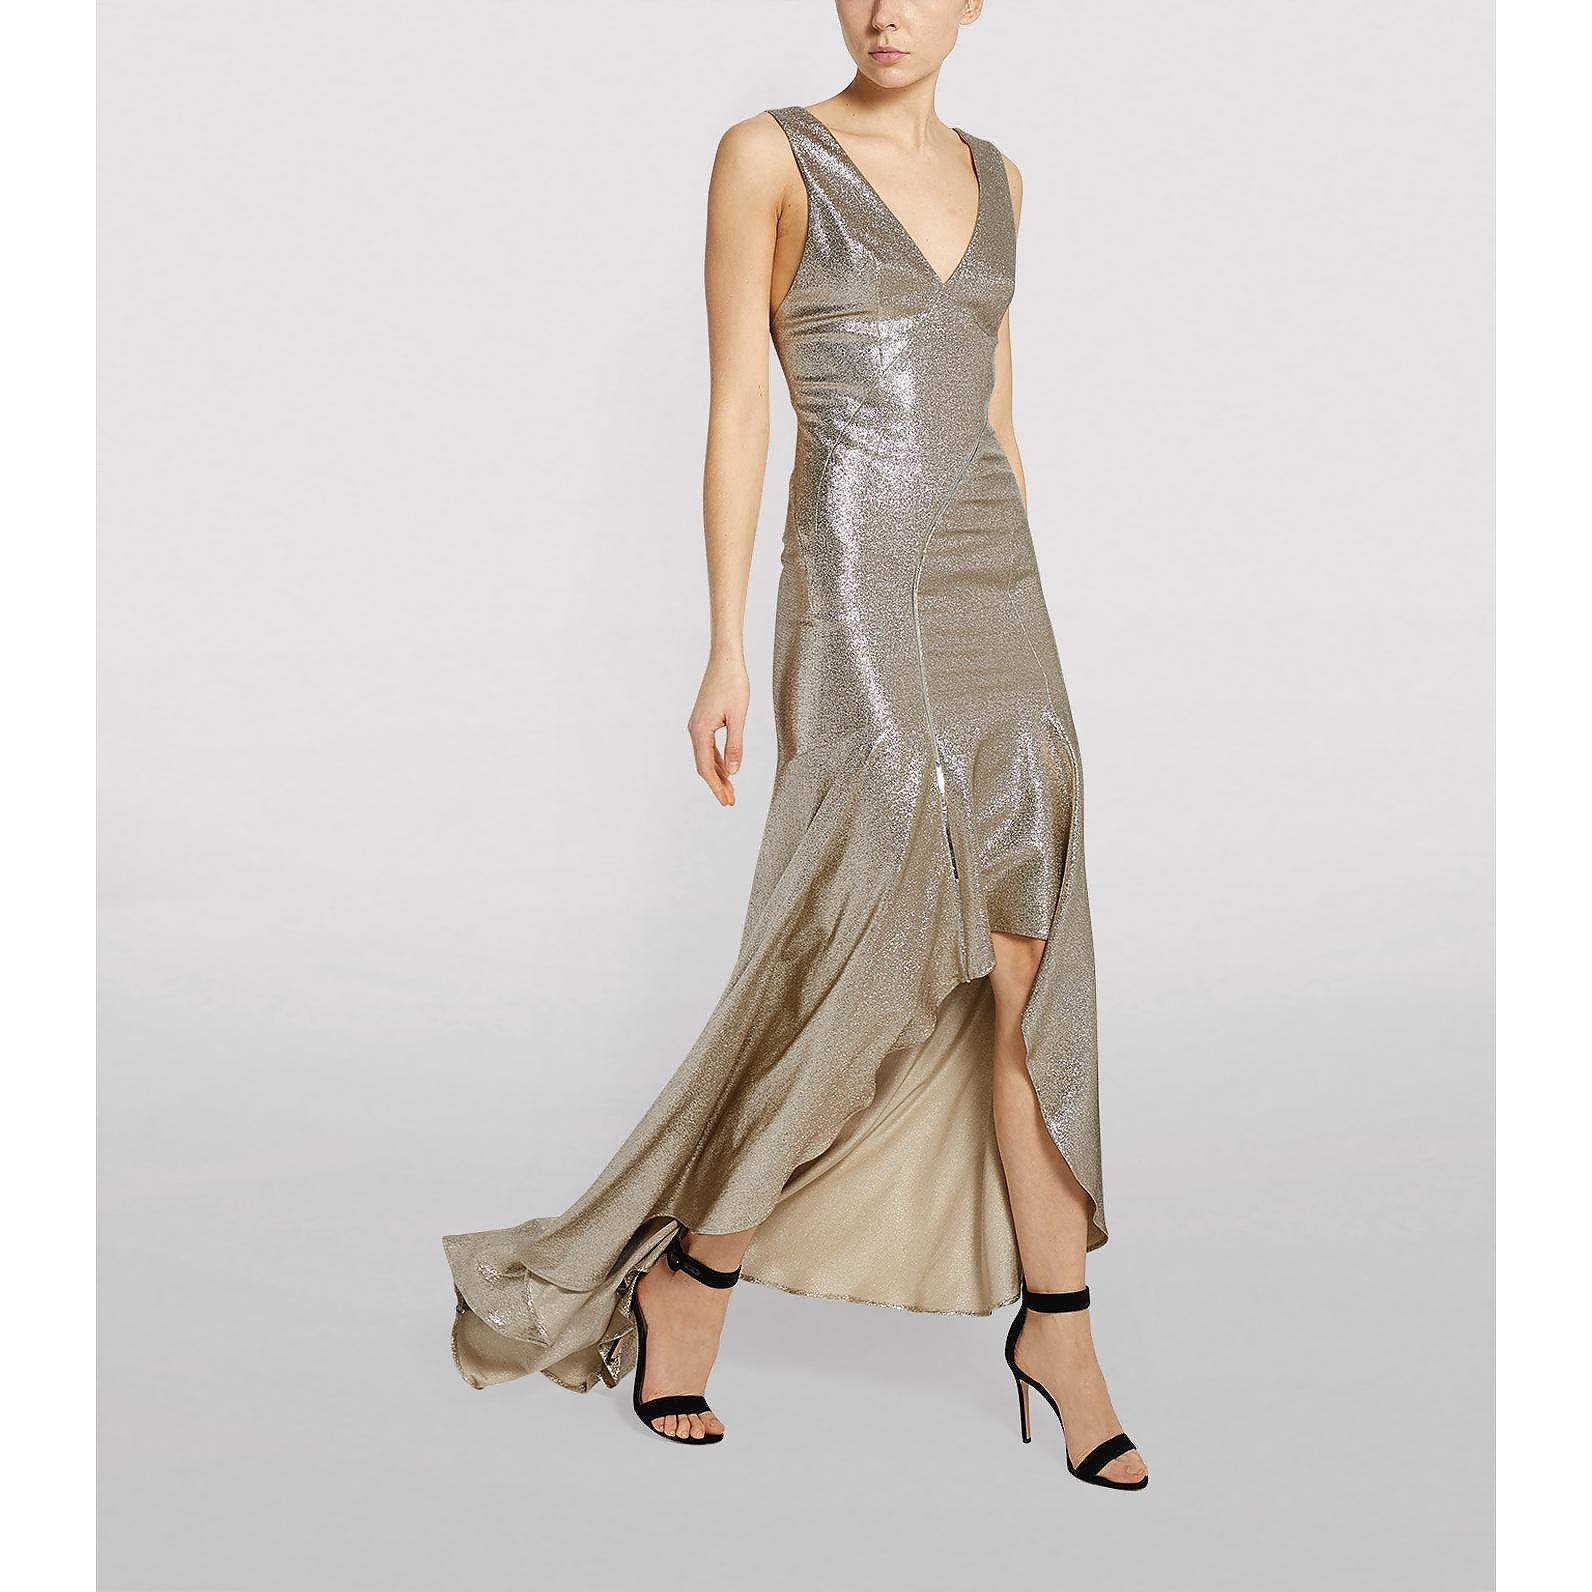 Galvan London Metallic Releve Dress